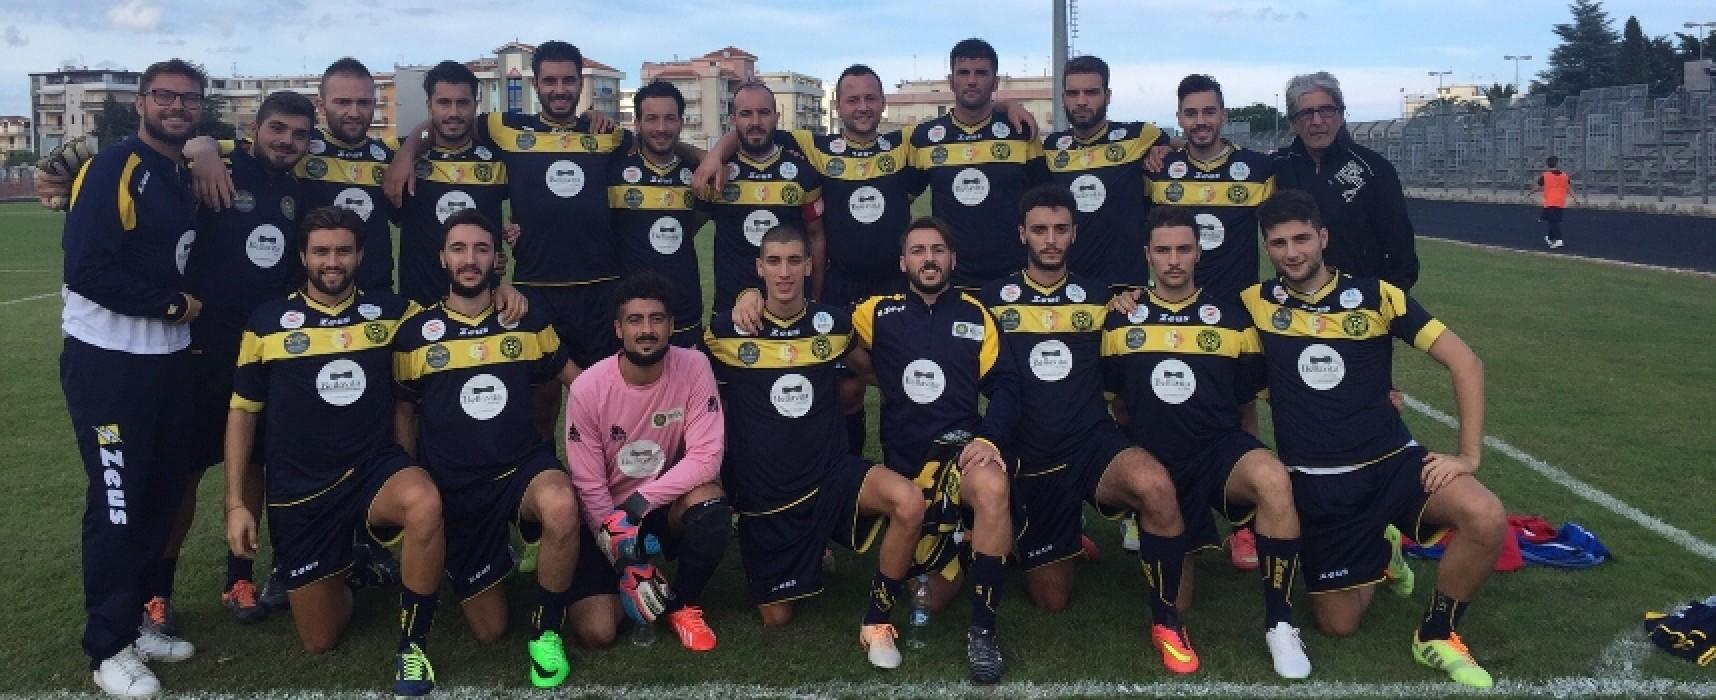 Bellavitainpuglia campionato in archivio, ora i play-off/ CLASSIFICA